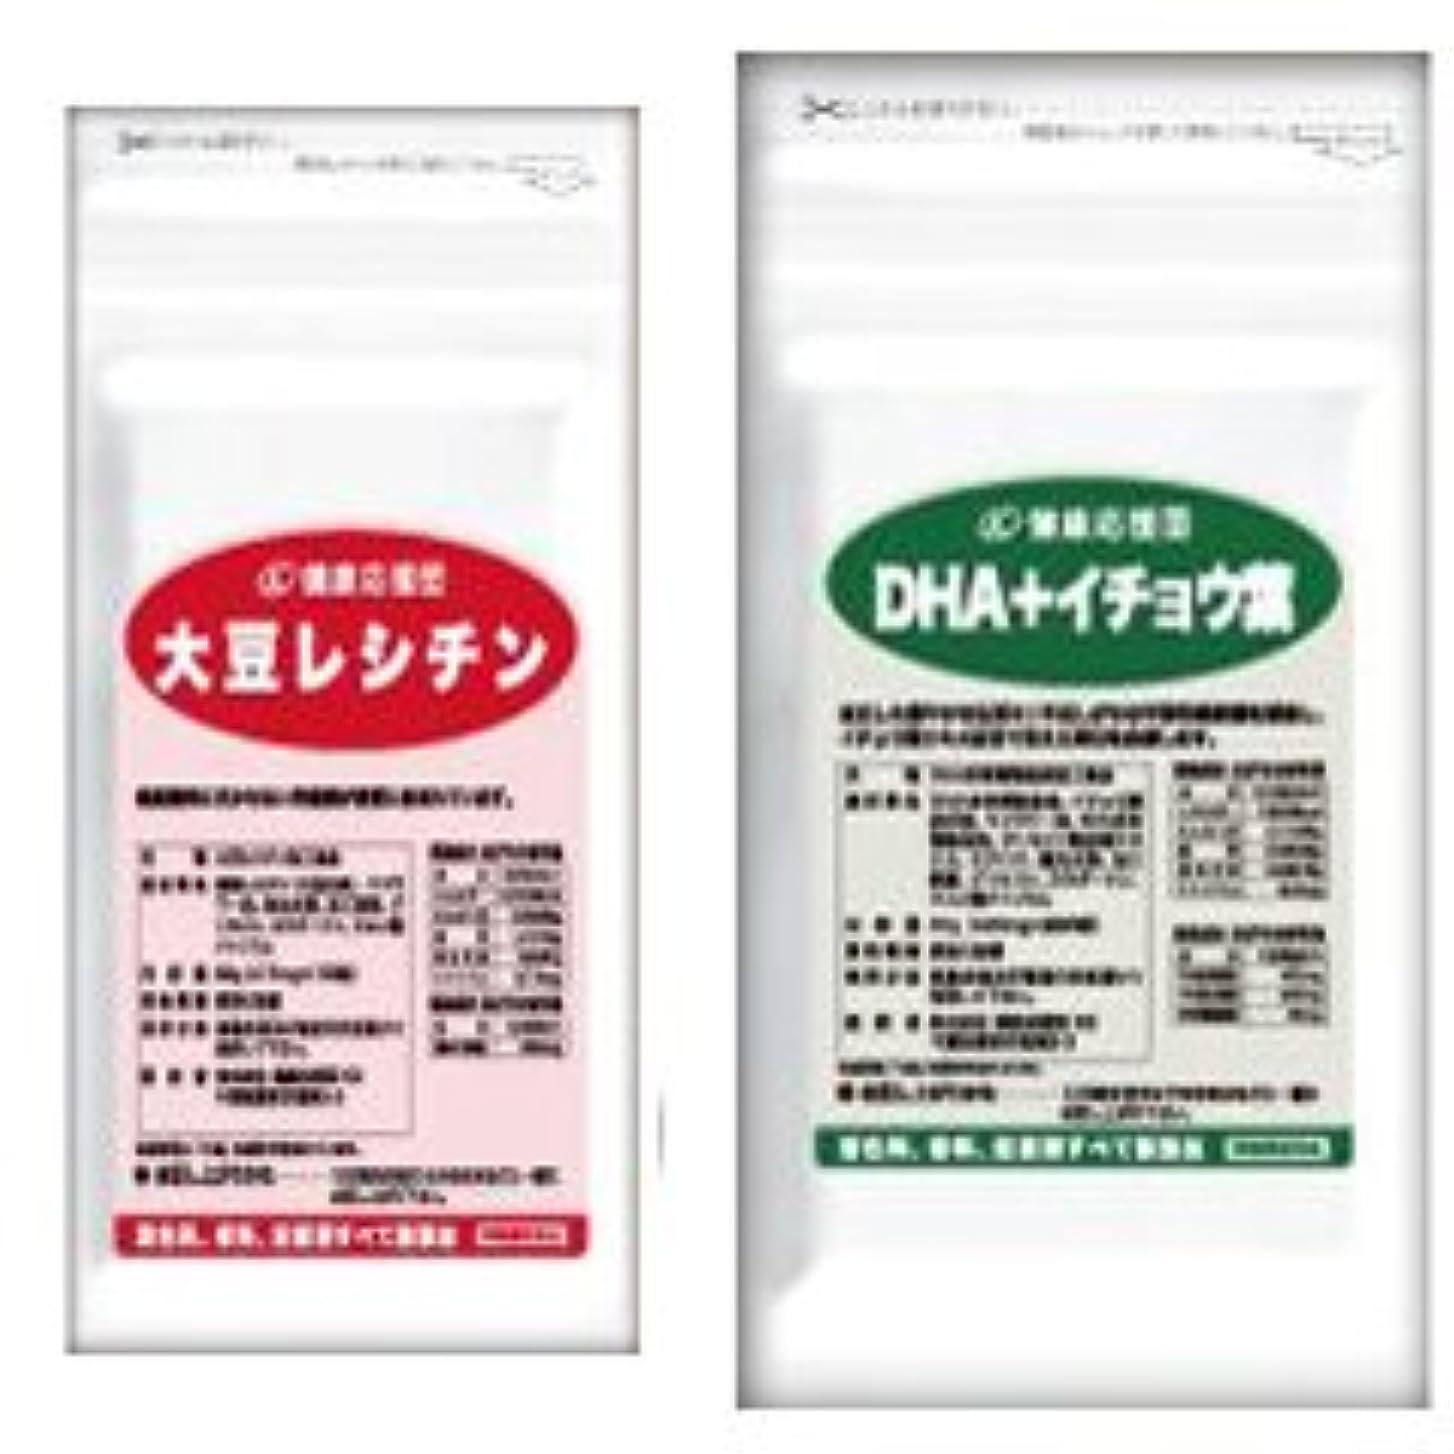 ヘルシー意識的透明に(お徳用3か月分)流れサラサラセット 大豆レシチン+(DHA+イチョウ葉)3袋&3袋セット(DHA?EPA?イチョウ葉)